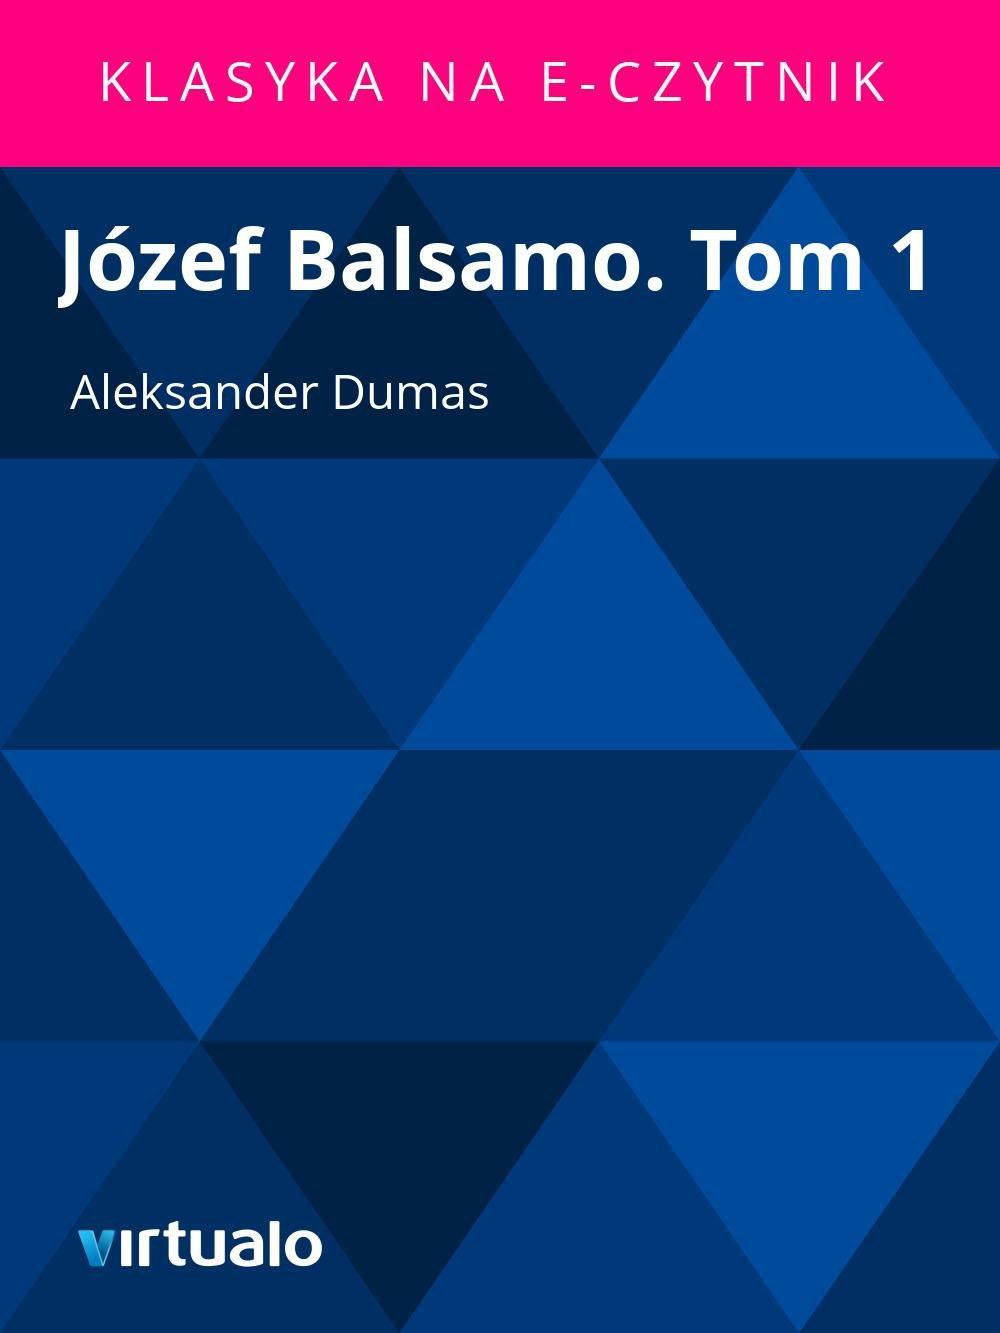 Józef Balsamo. Tom 1 - Ebook (Książka EPUB) do pobrania w formacie EPUB